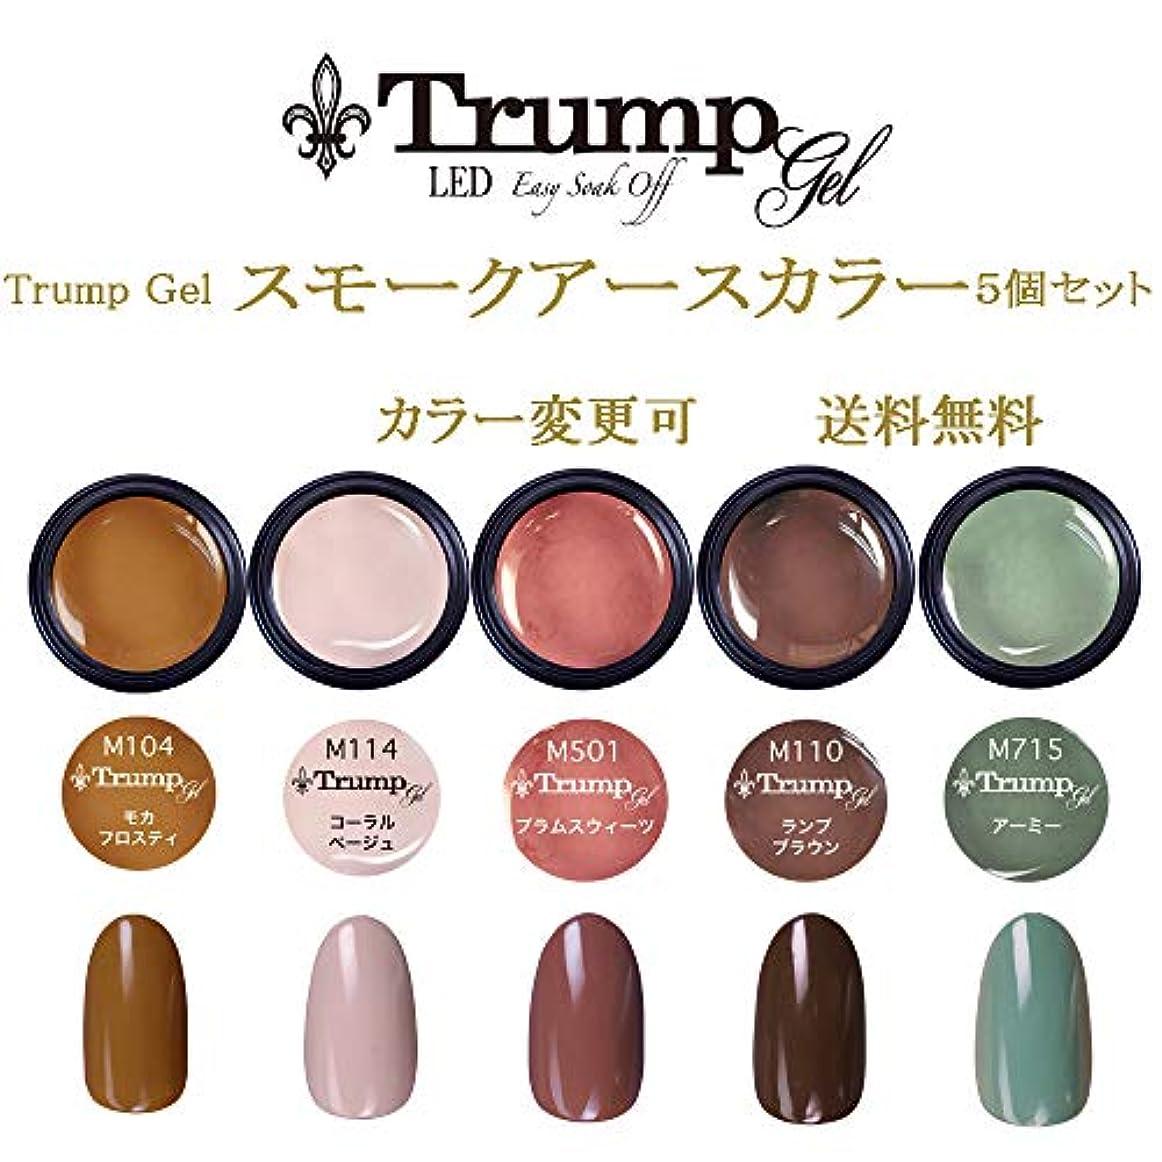 貧困二層海岸【送料無料】日本製 Trump gel トランプジェル スモークアース 選べる カラージェル 5個セット スモーキー アースカラー ベージュ ブラウン マスタード カーキ カラー